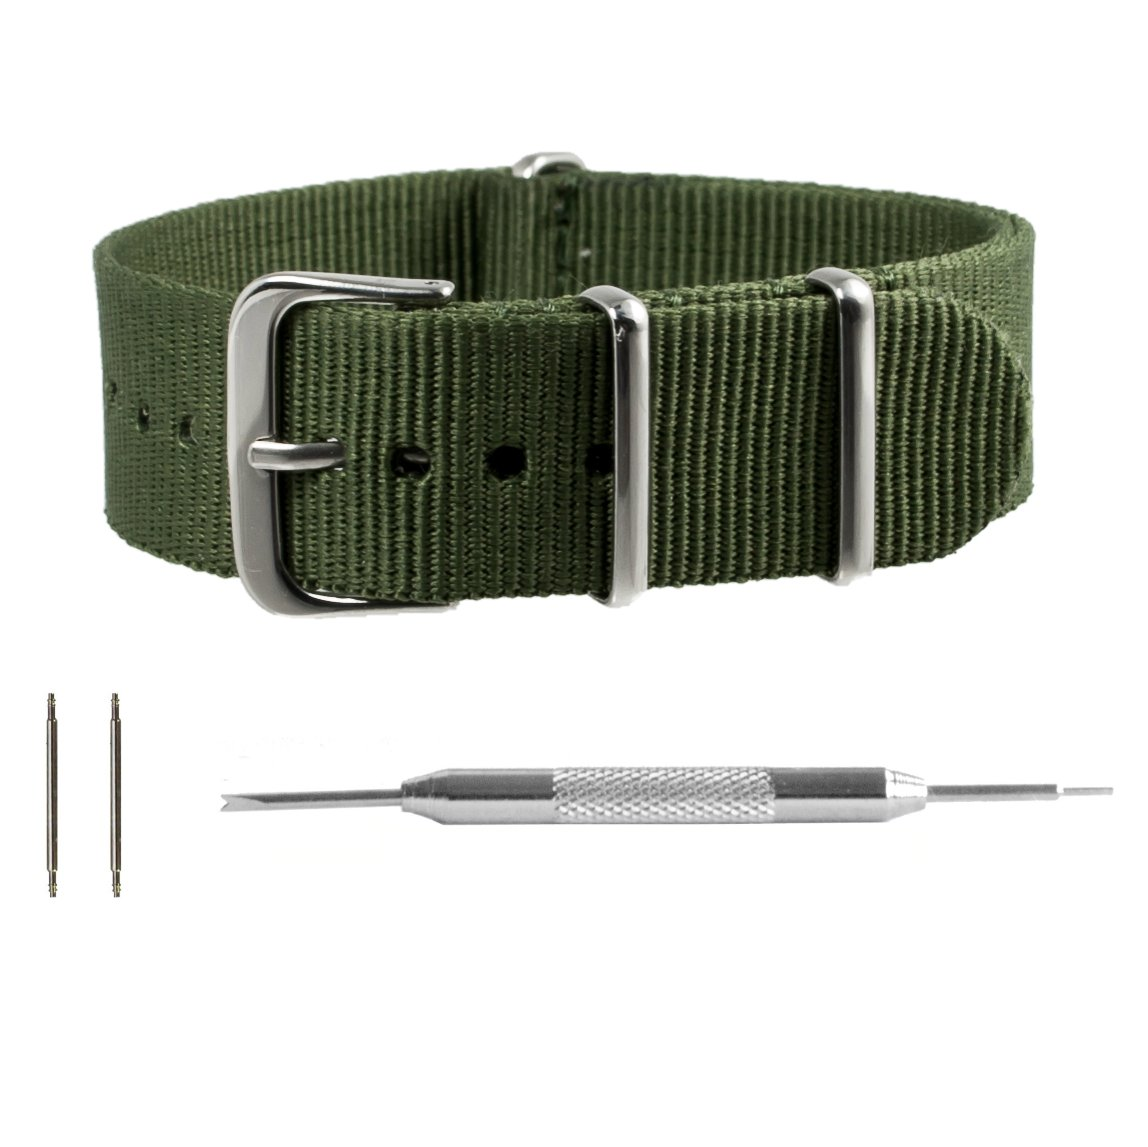 Benchmark Straps NATO腕時計バンド 18/20/22mm スプリングバー用ツール マルチカラー 18mm アーミーグリーン 18mm|アーミーグリーン アーミーグリーン 18mm B01HR6SO8O